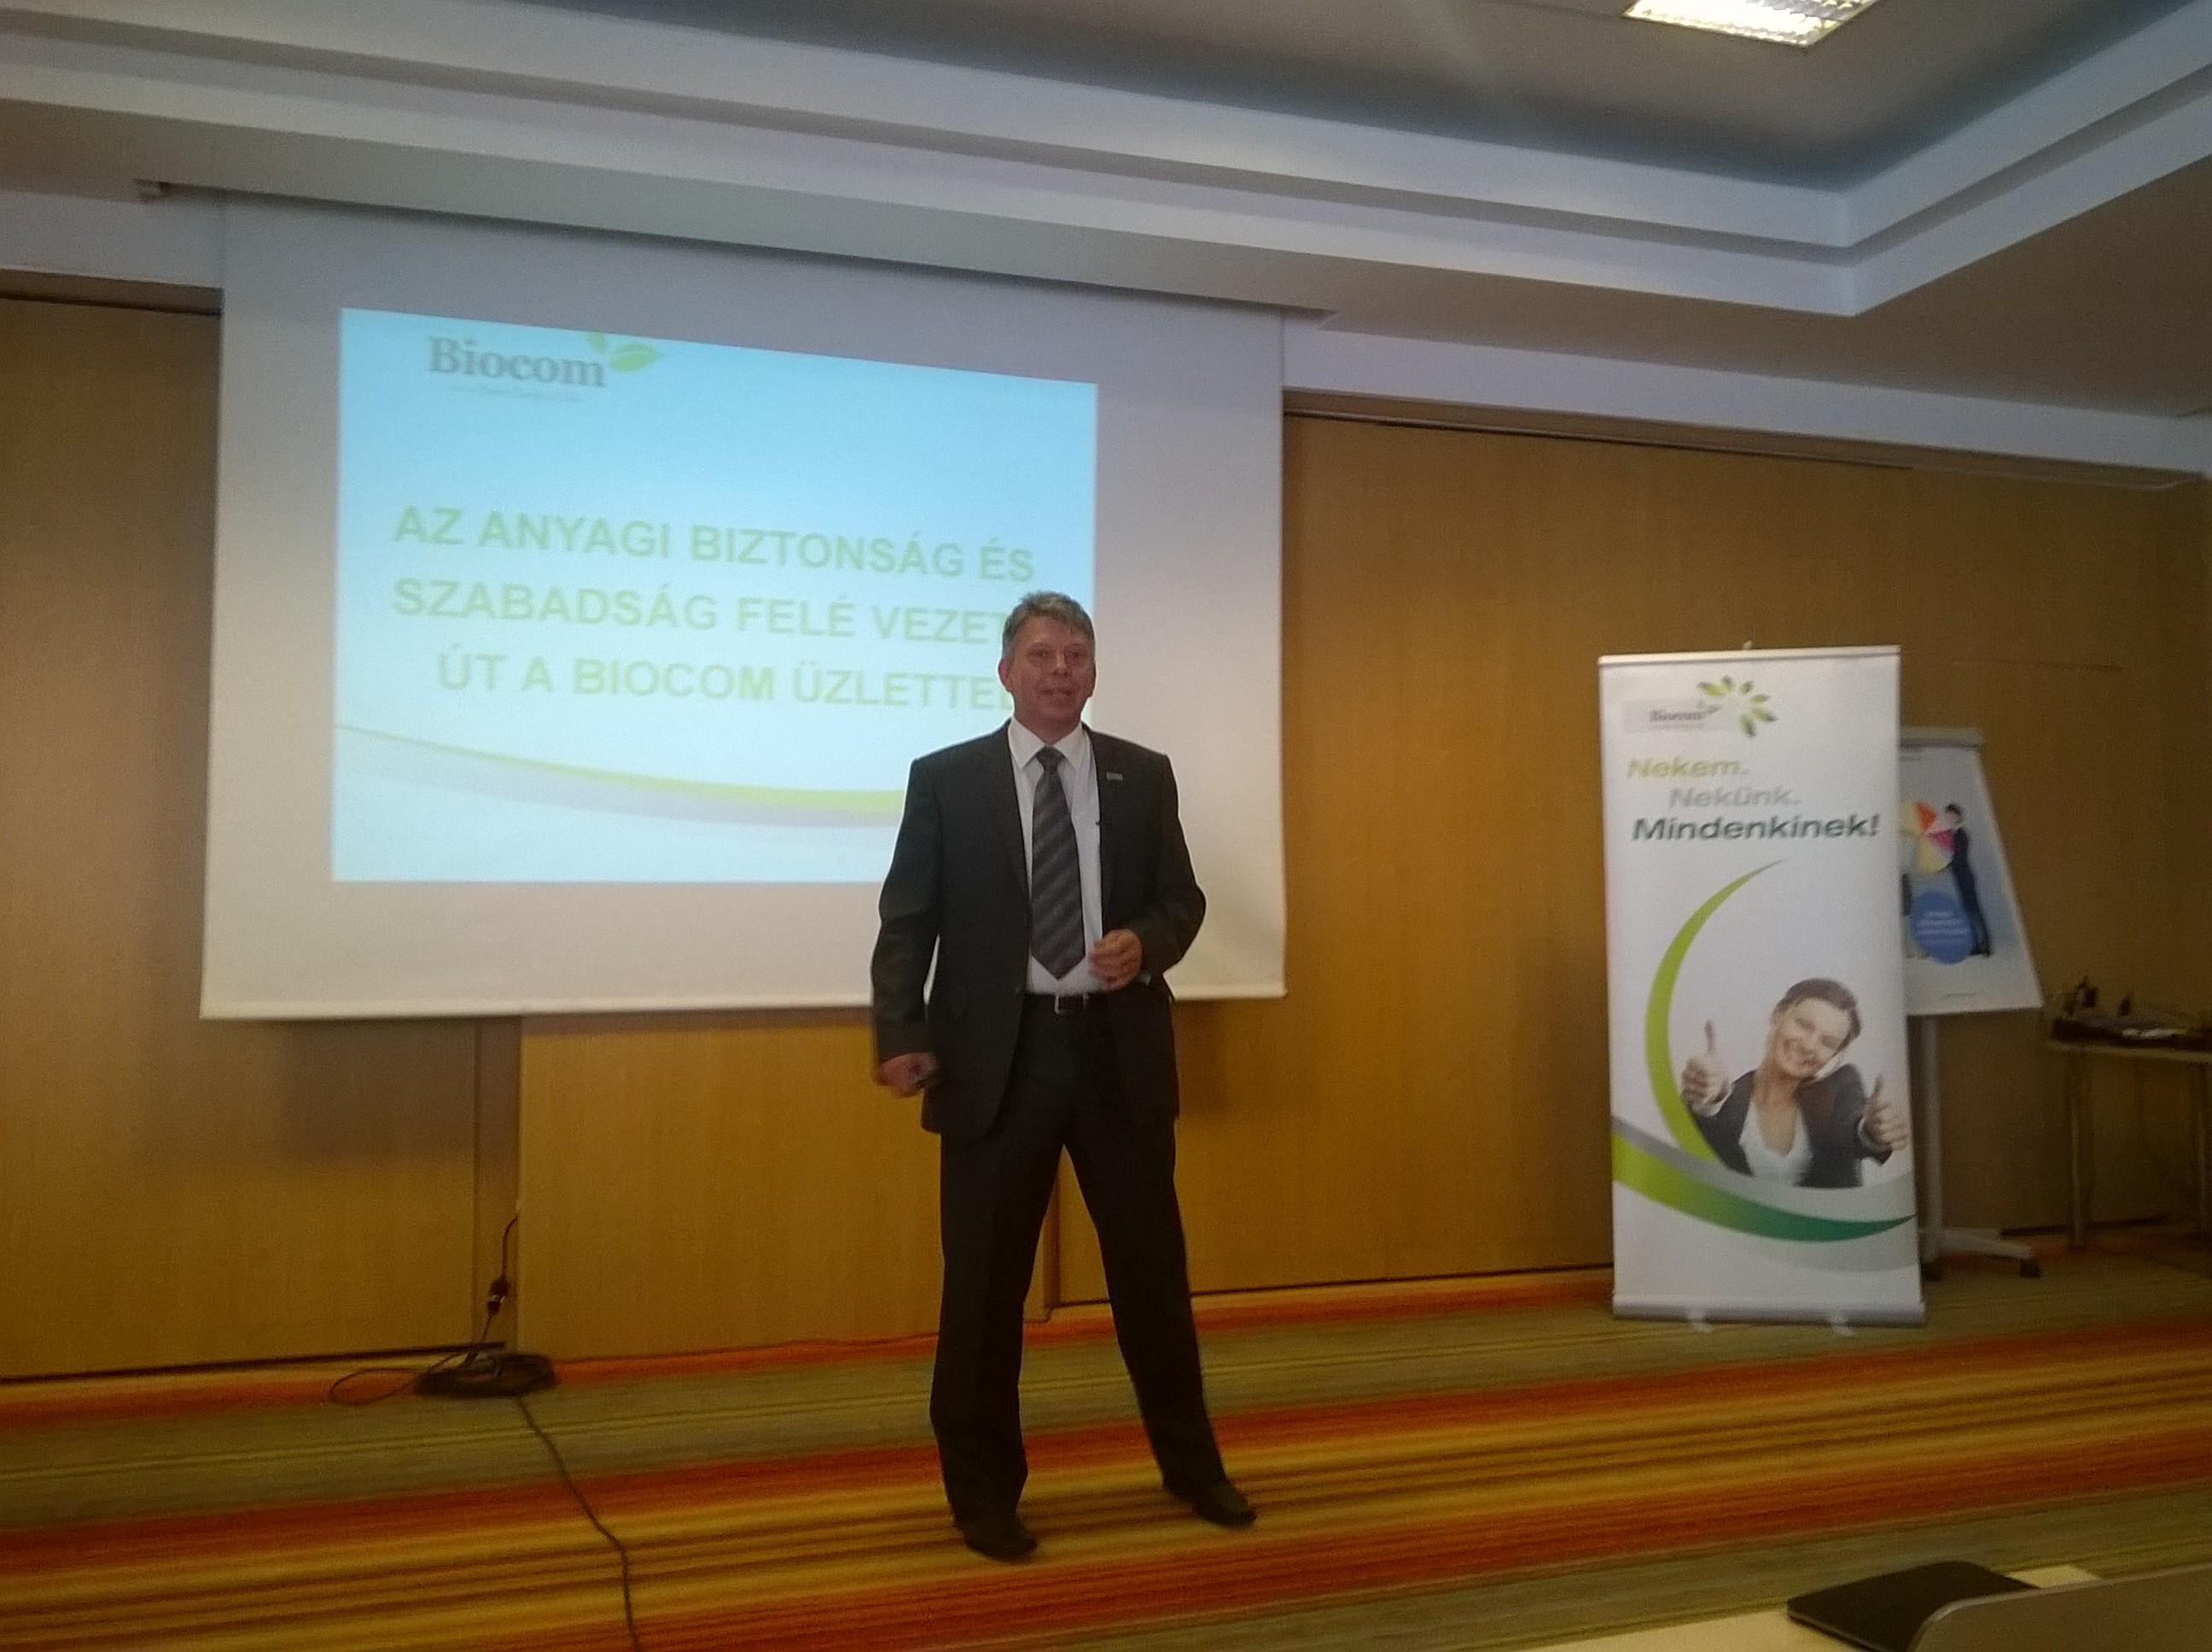 Harmat Csaba, szerbiai Ezüst HV, aki sikeres előadást tartott, s ragyogó beszámolót is írt